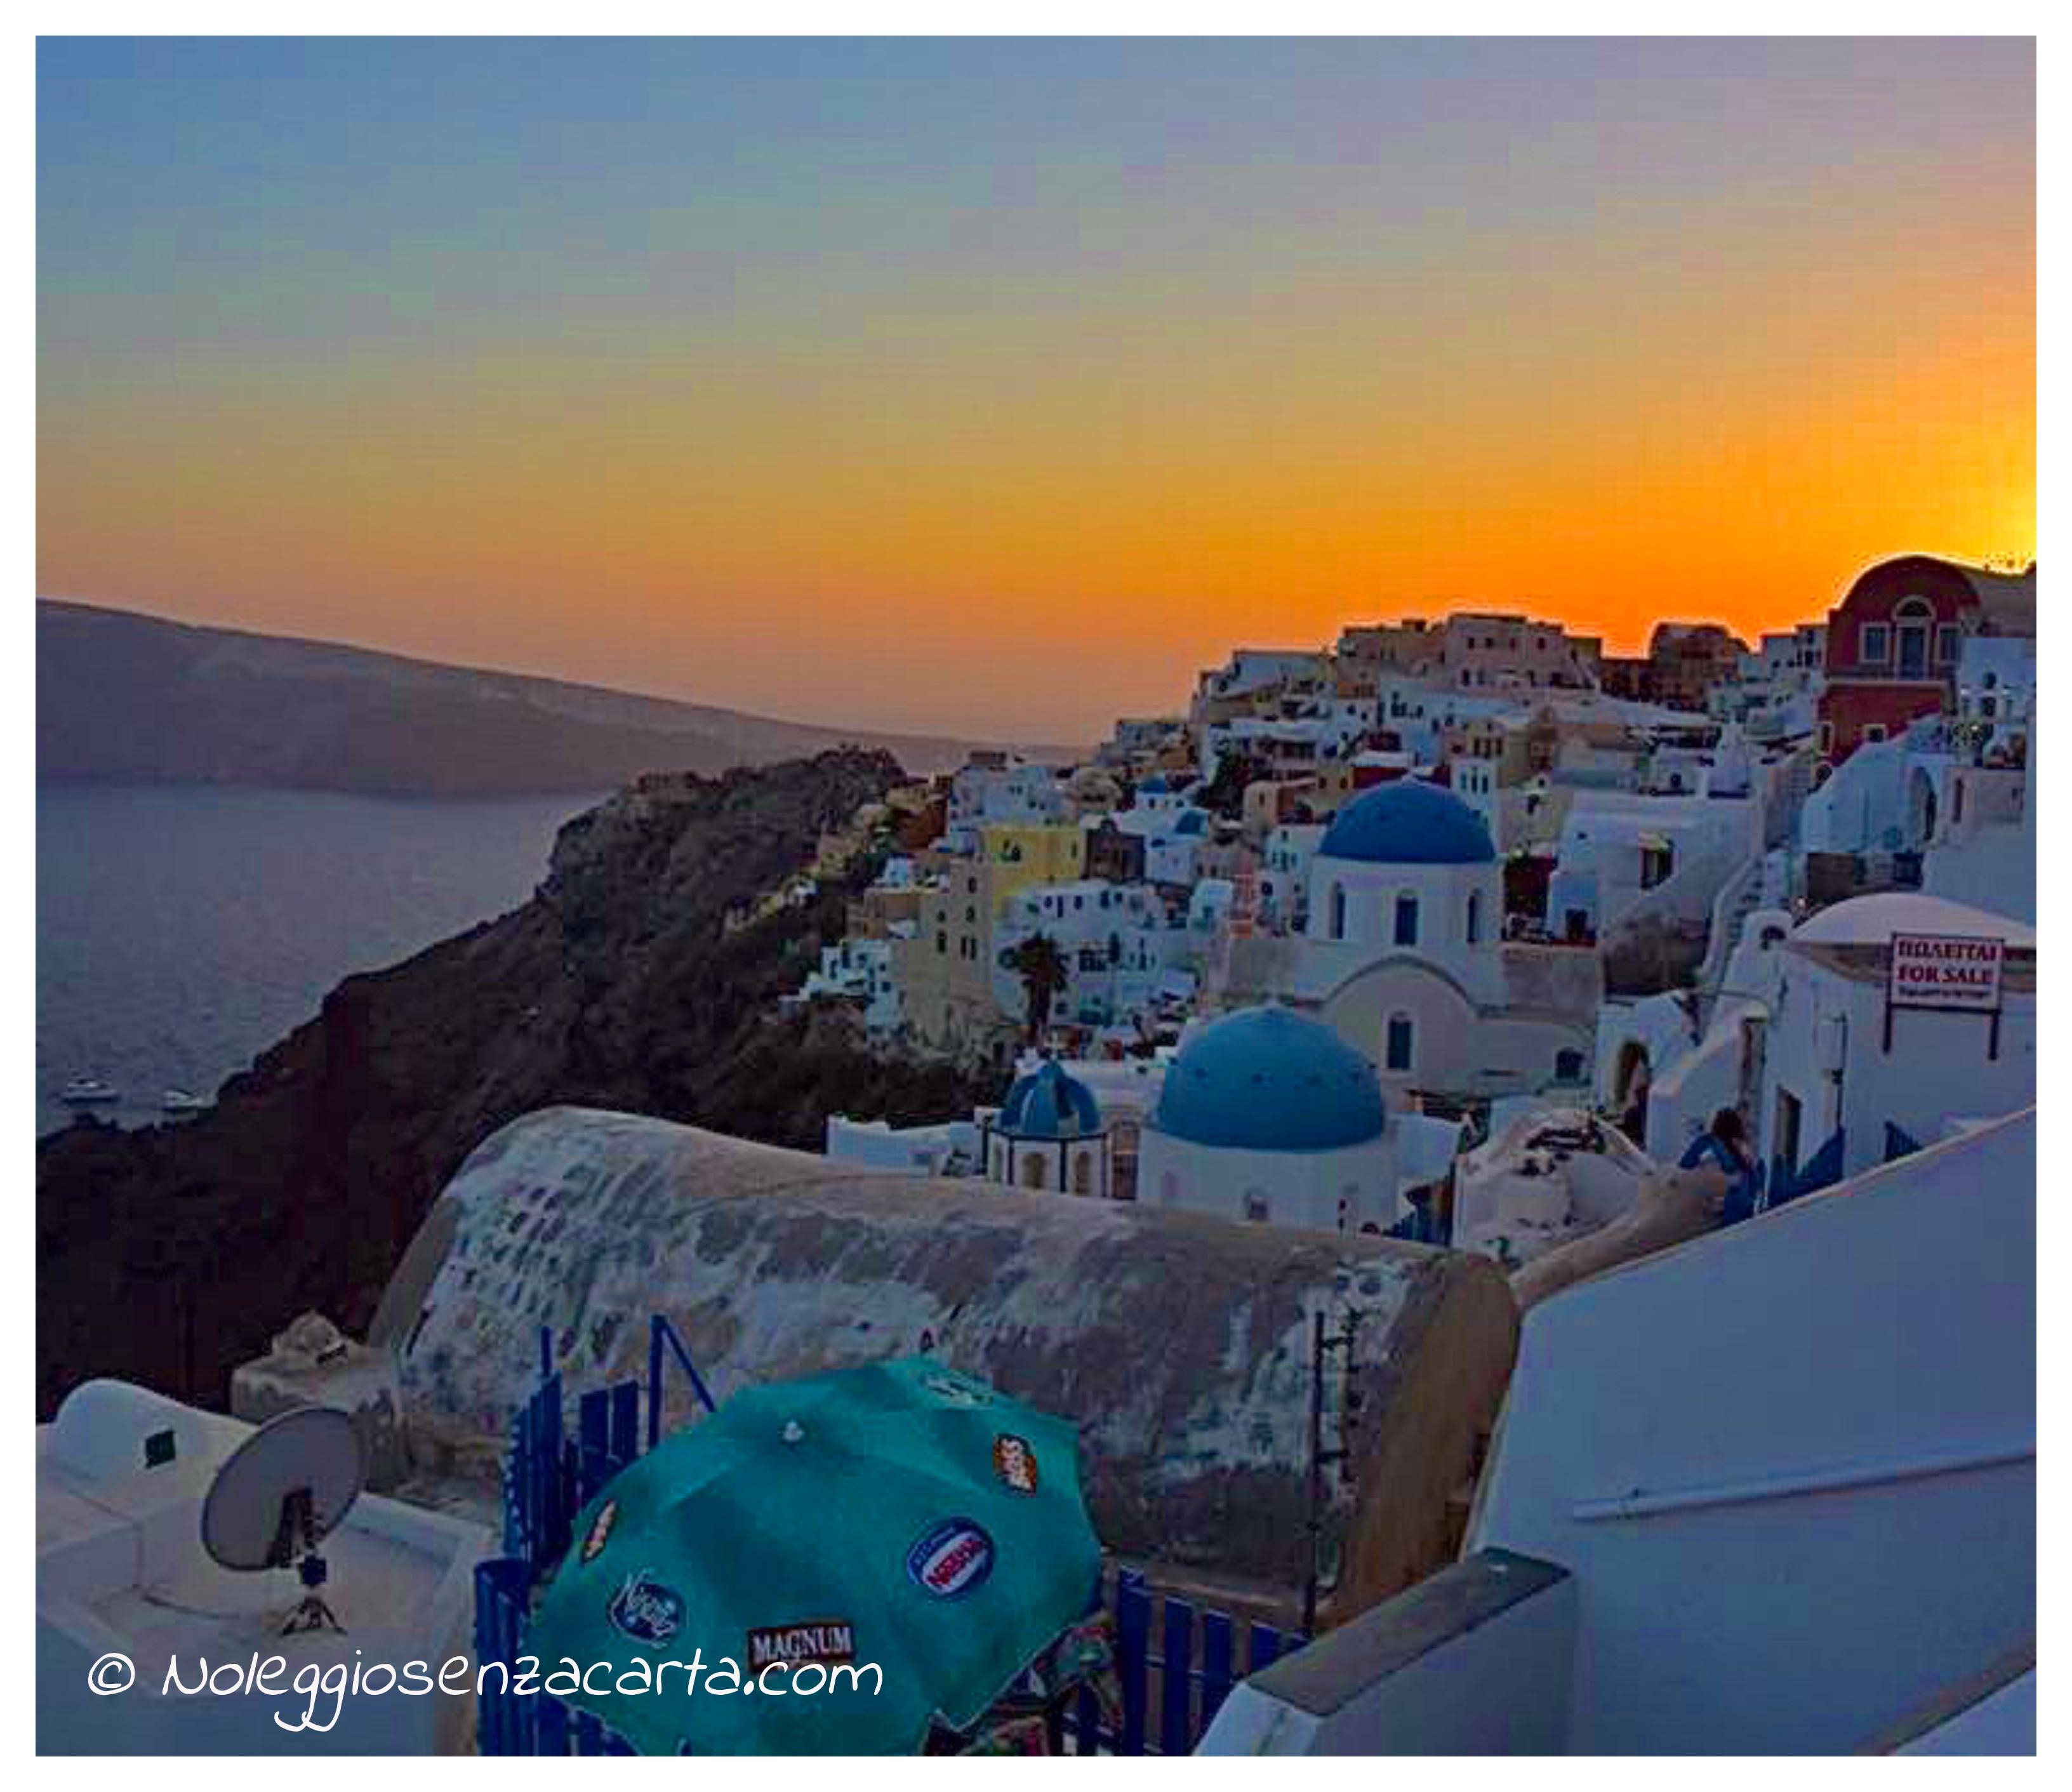 Noleggiare auto senza carta di credito in Grecia – Santorini